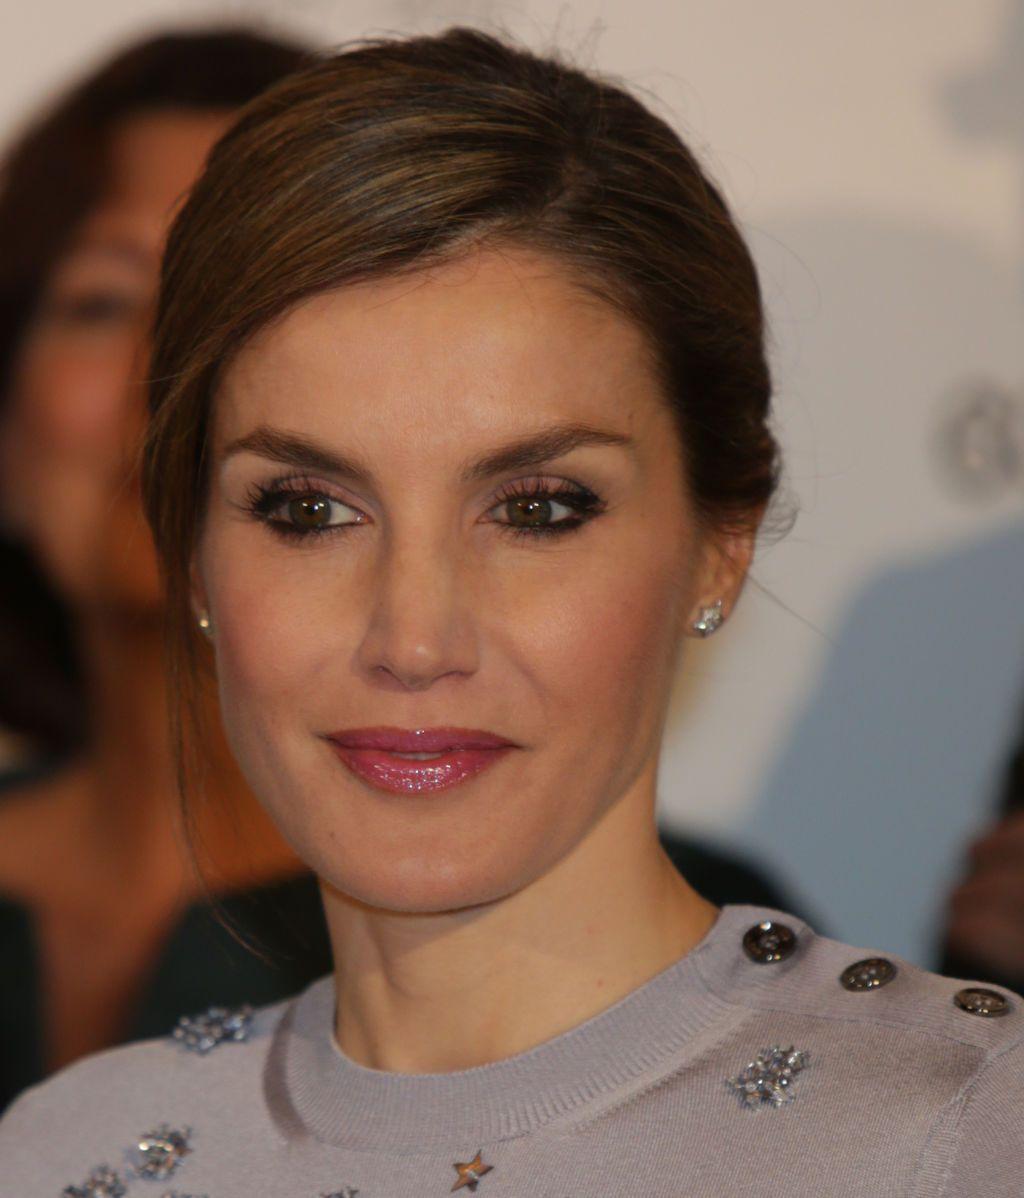 La reina Letizia se suma al peinado tendencia entre las celebrities